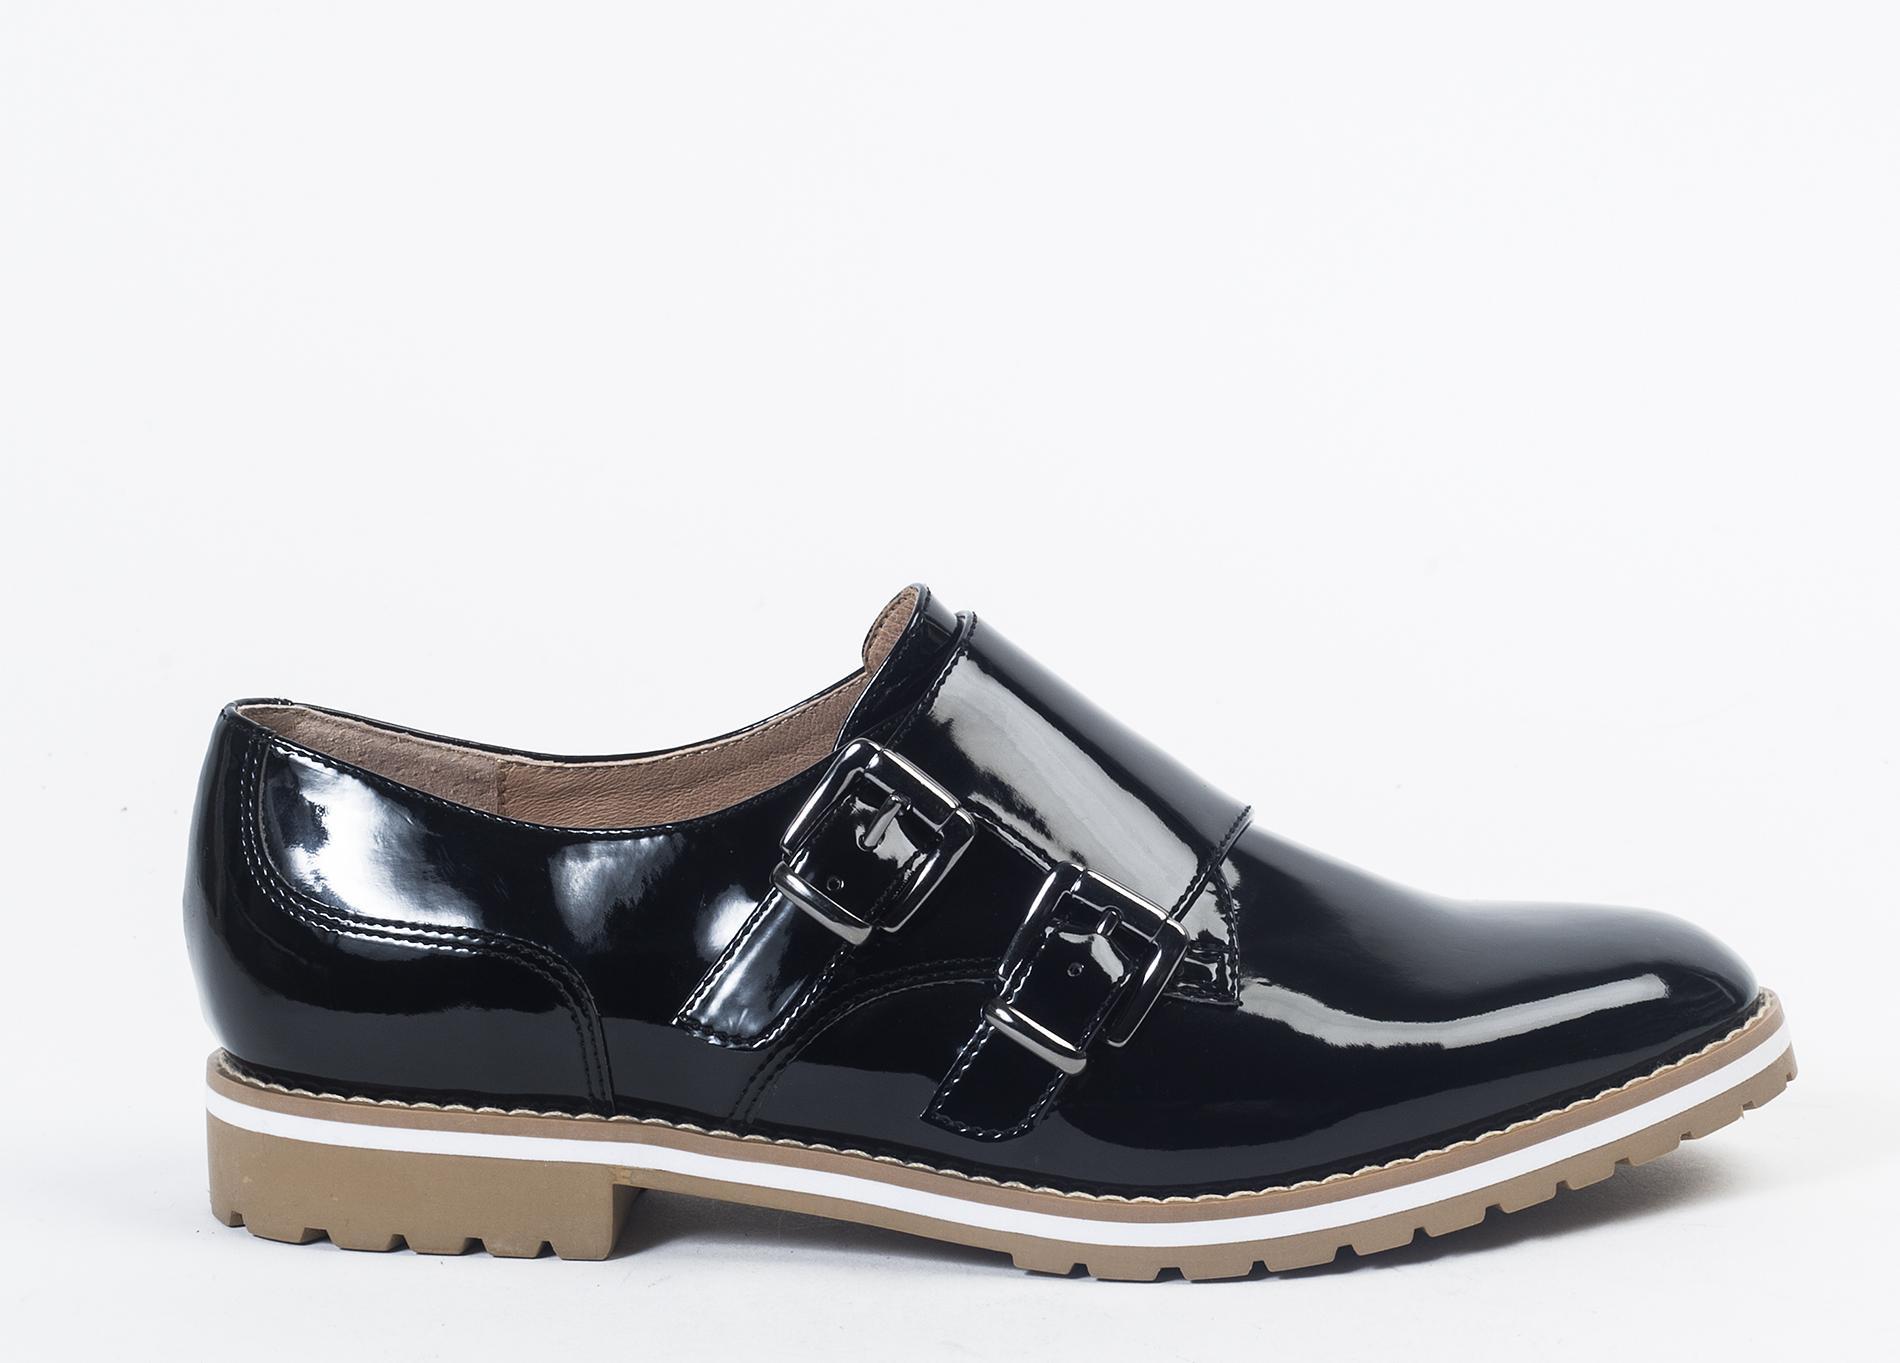 chaussures soldes zara. Black Bedroom Furniture Sets. Home Design Ideas